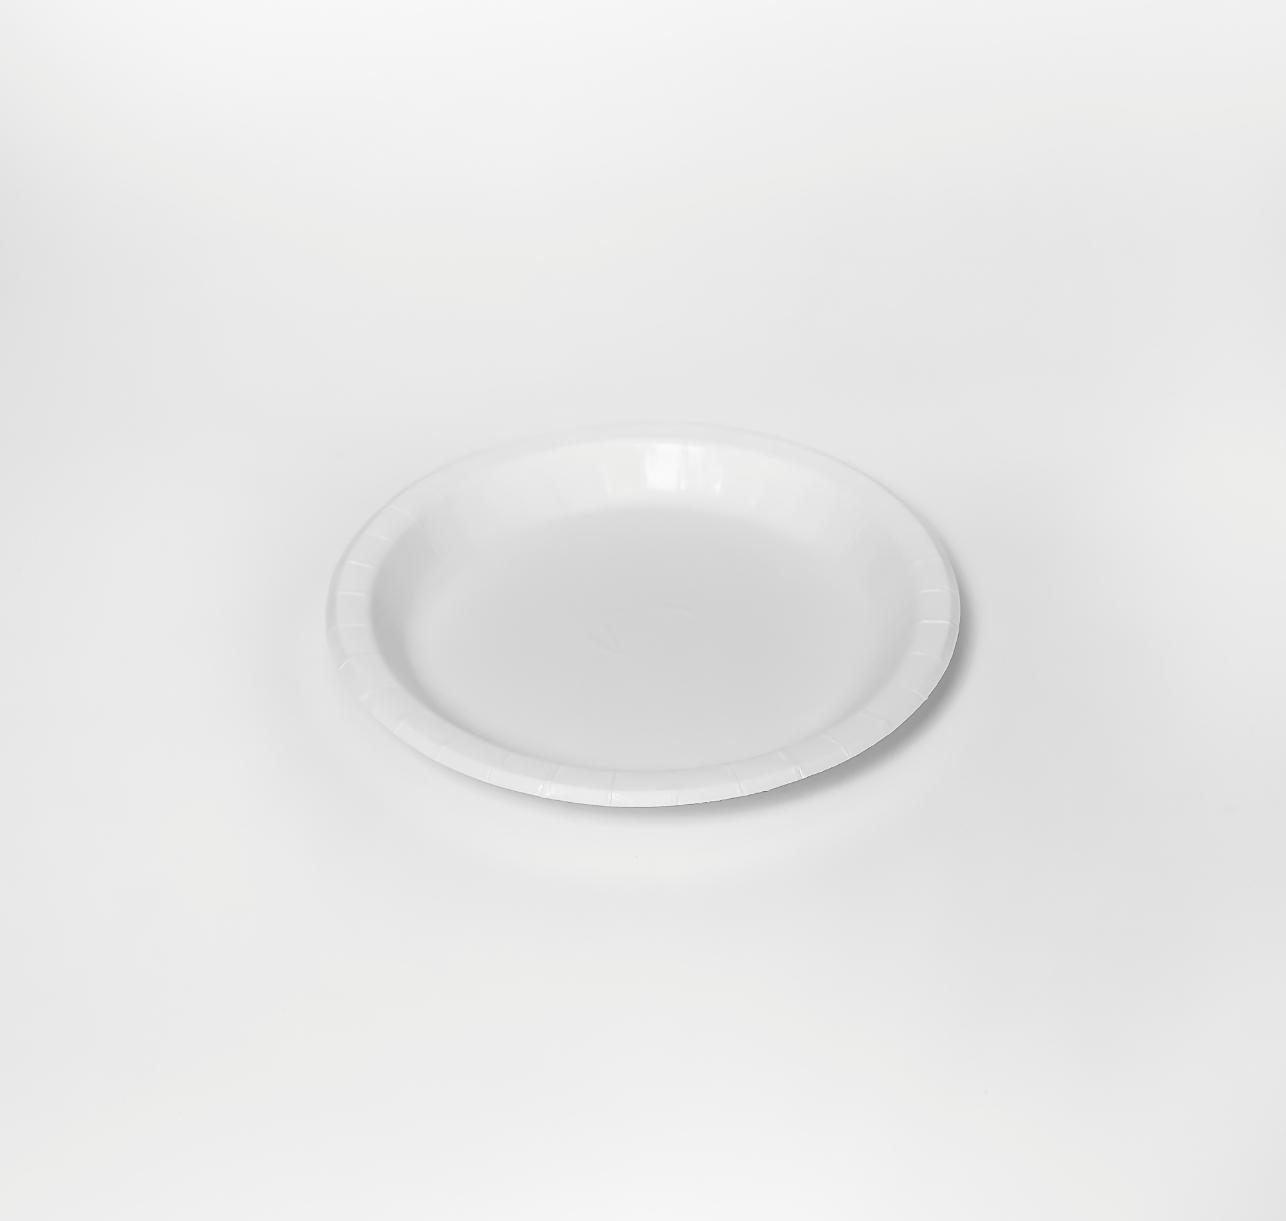 จานกระดาษ Eco  7 นิ้ว